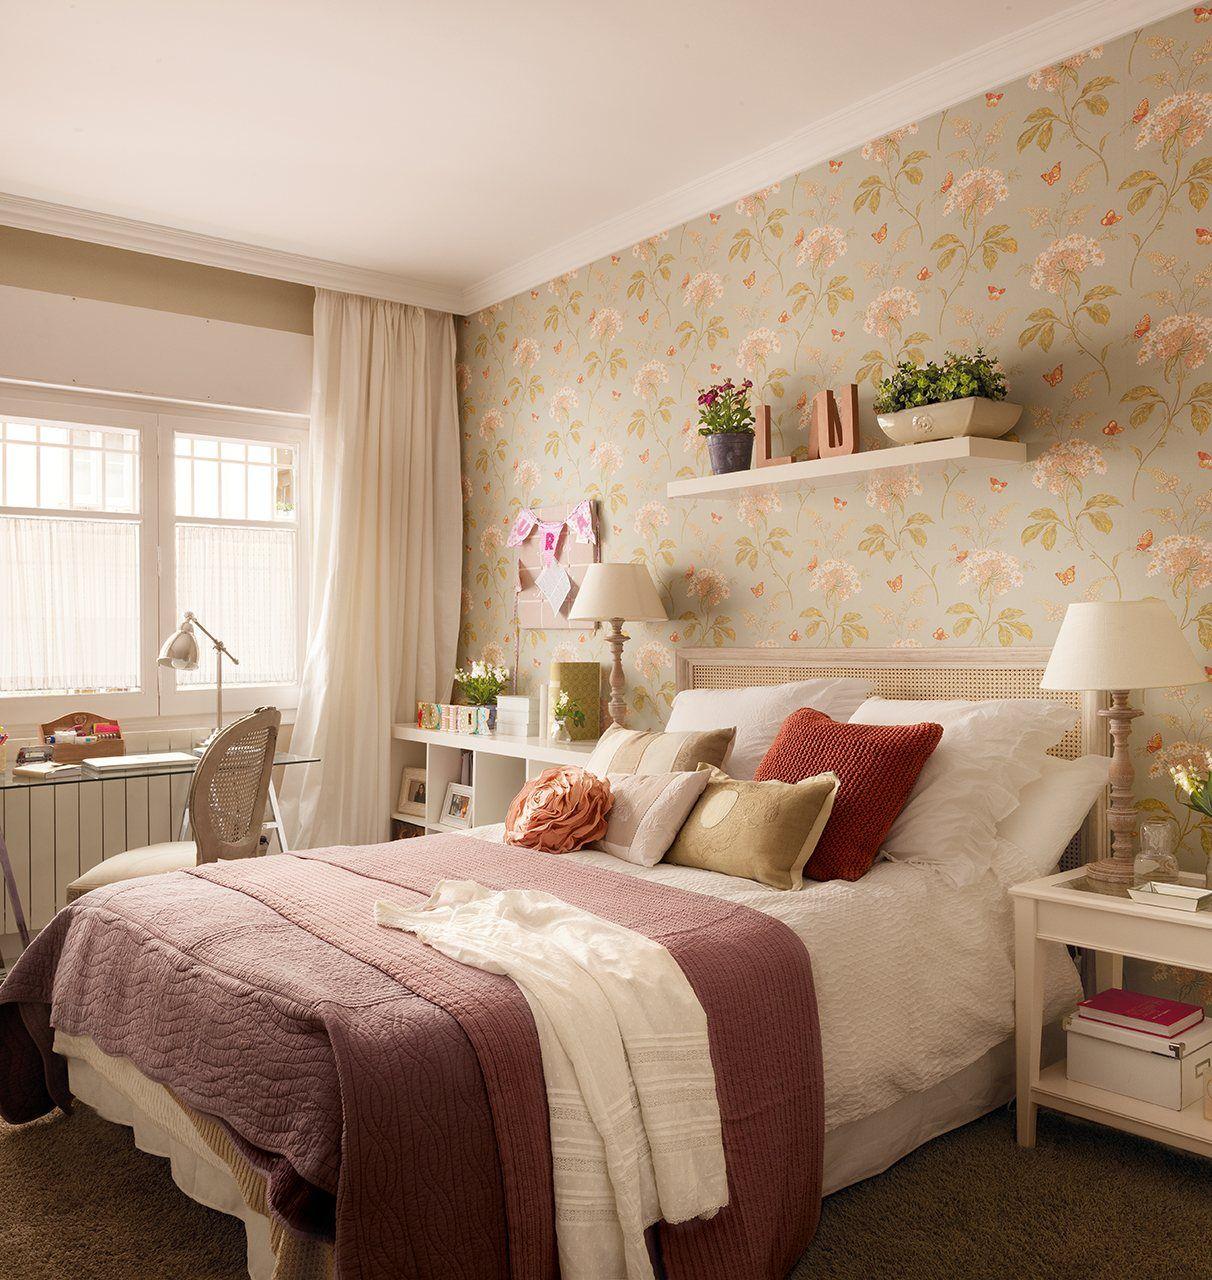 شلف های زیبا برای دیوار بالای تخت خواب